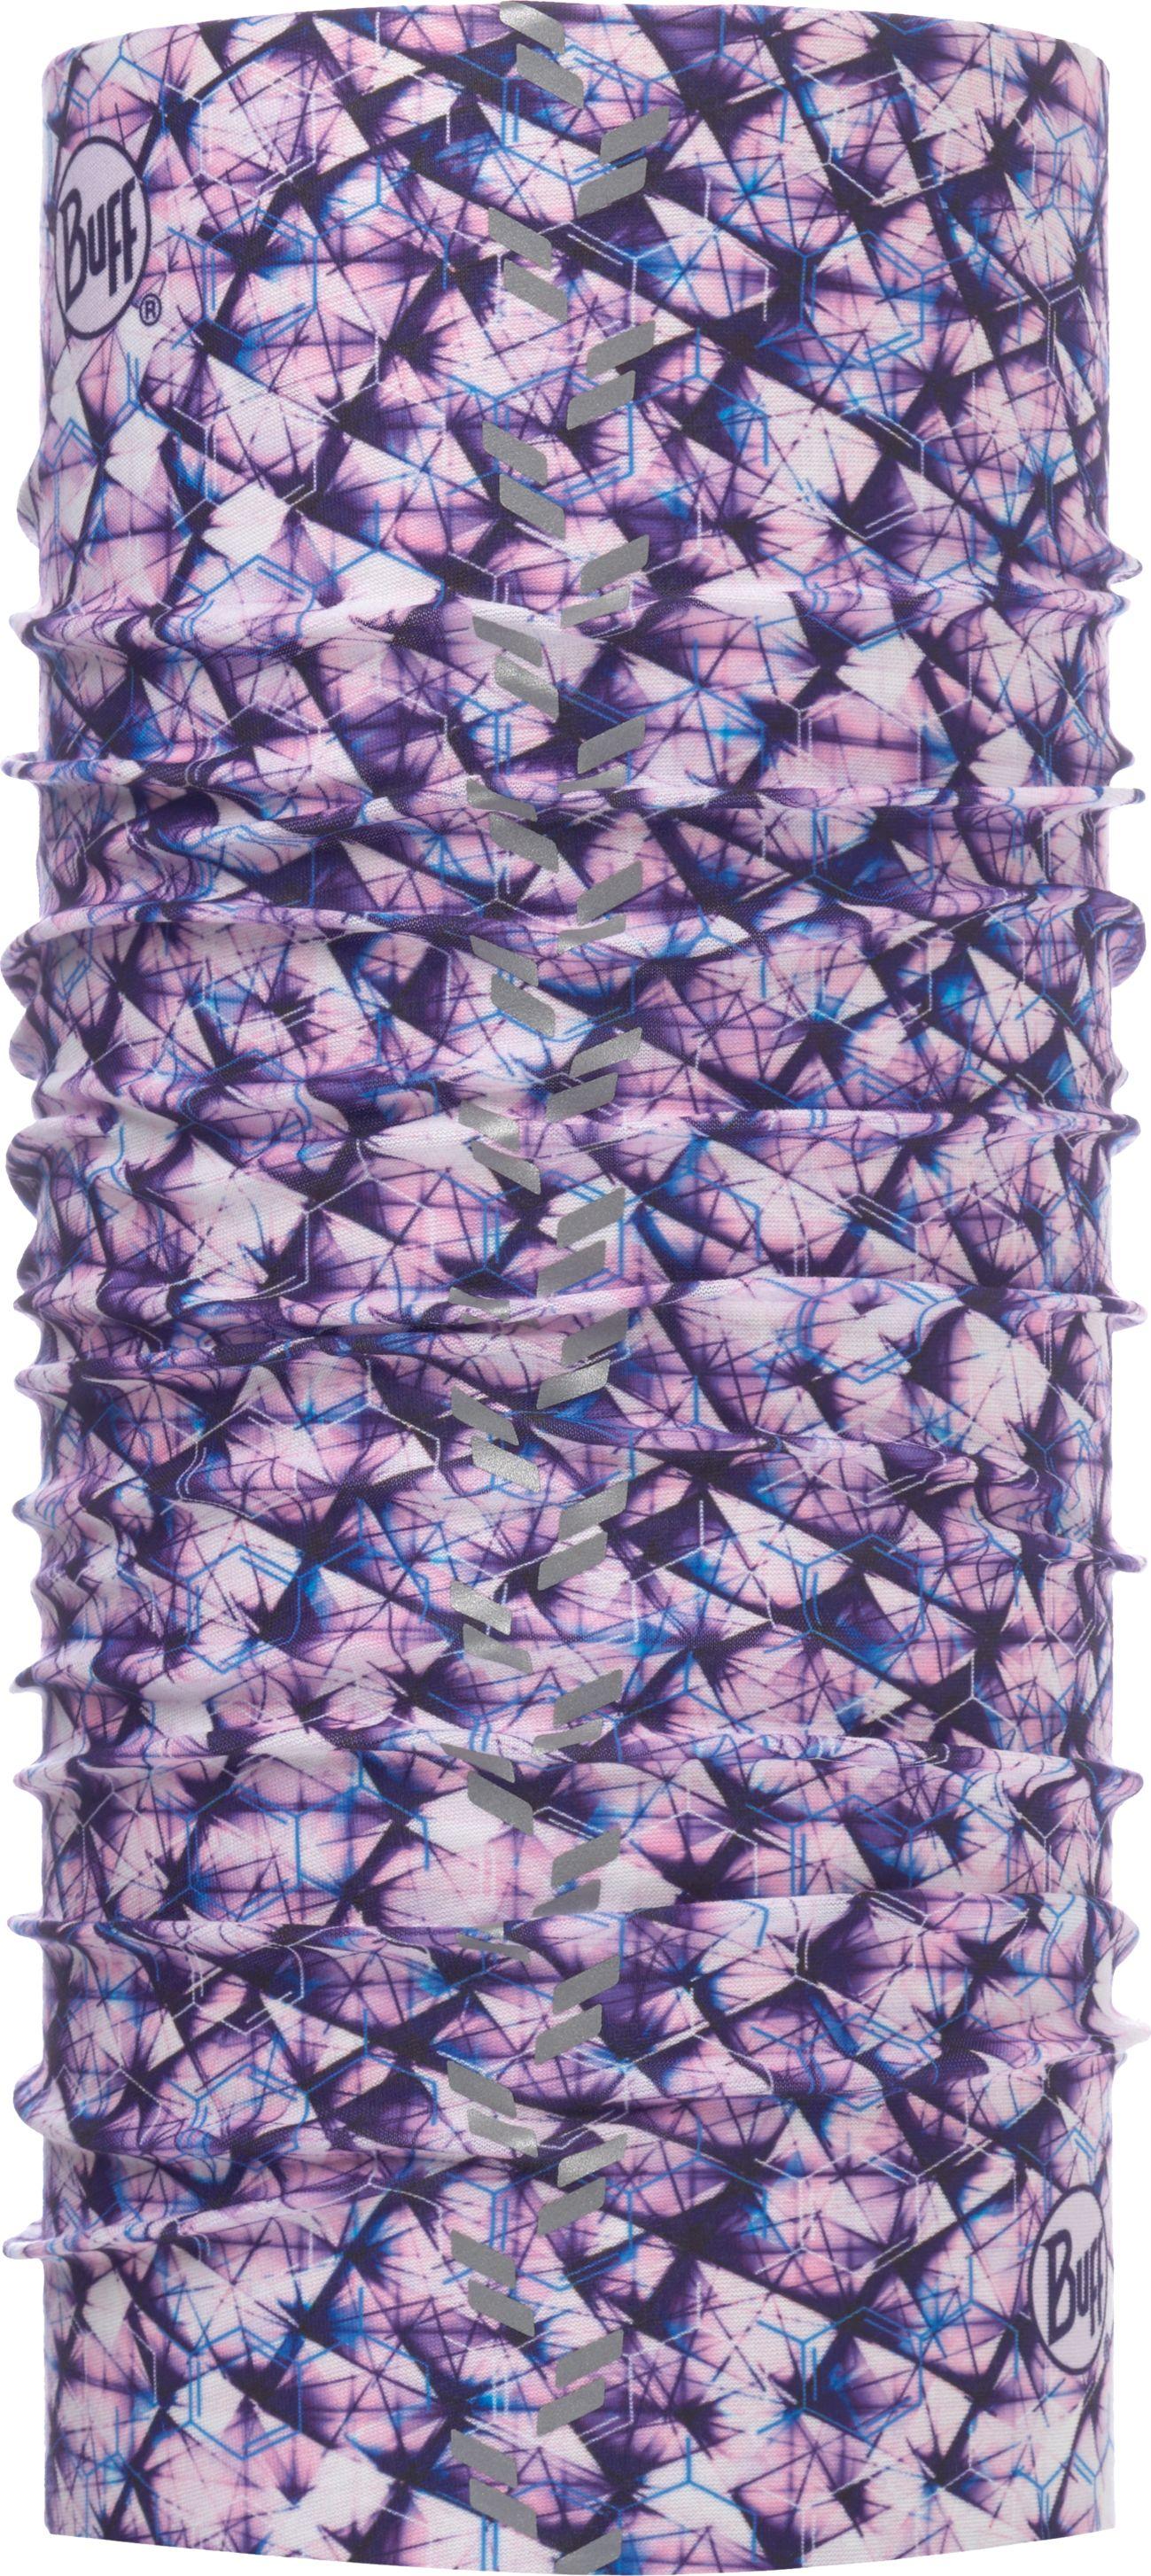 Купить Бандана Buff Reflective R-Adren Purple Lilac, цвет: лиловый. 117041.625.10.00. Размер универсальный